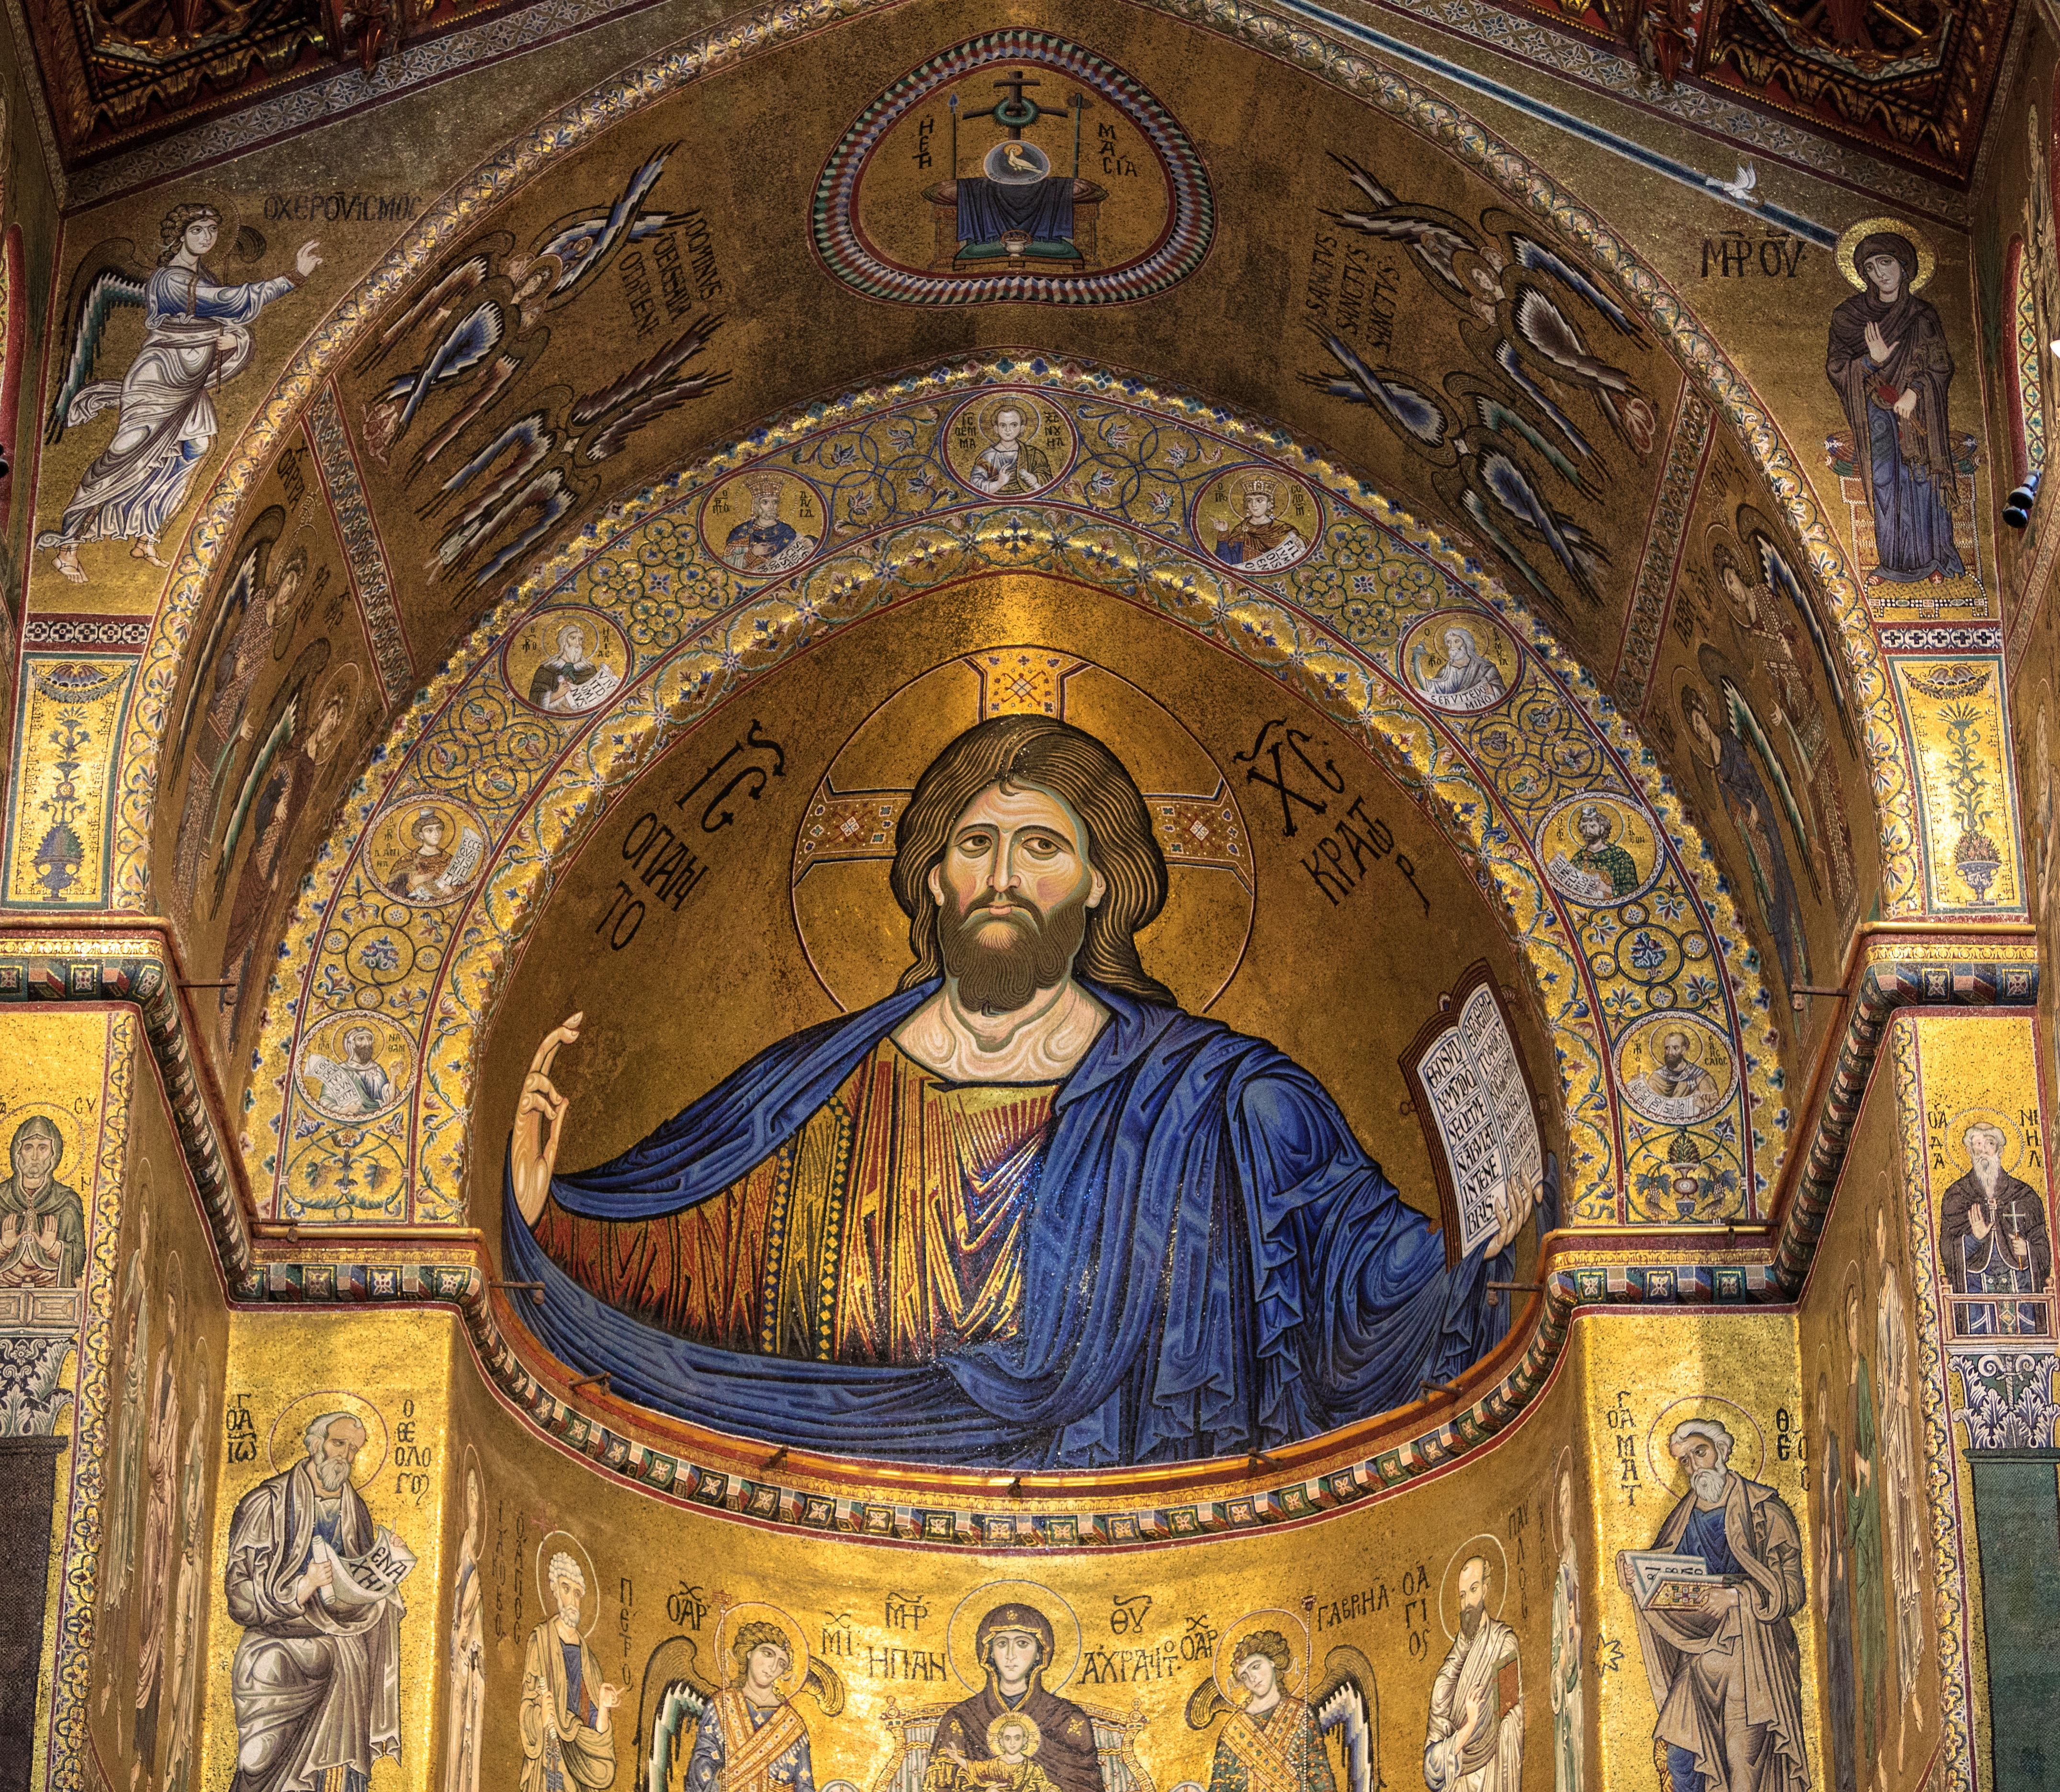 Déjate hipnotizar por el juego de los mosaicos de la Catedral de Monreale - Italia Circuito Sicilia Clásica